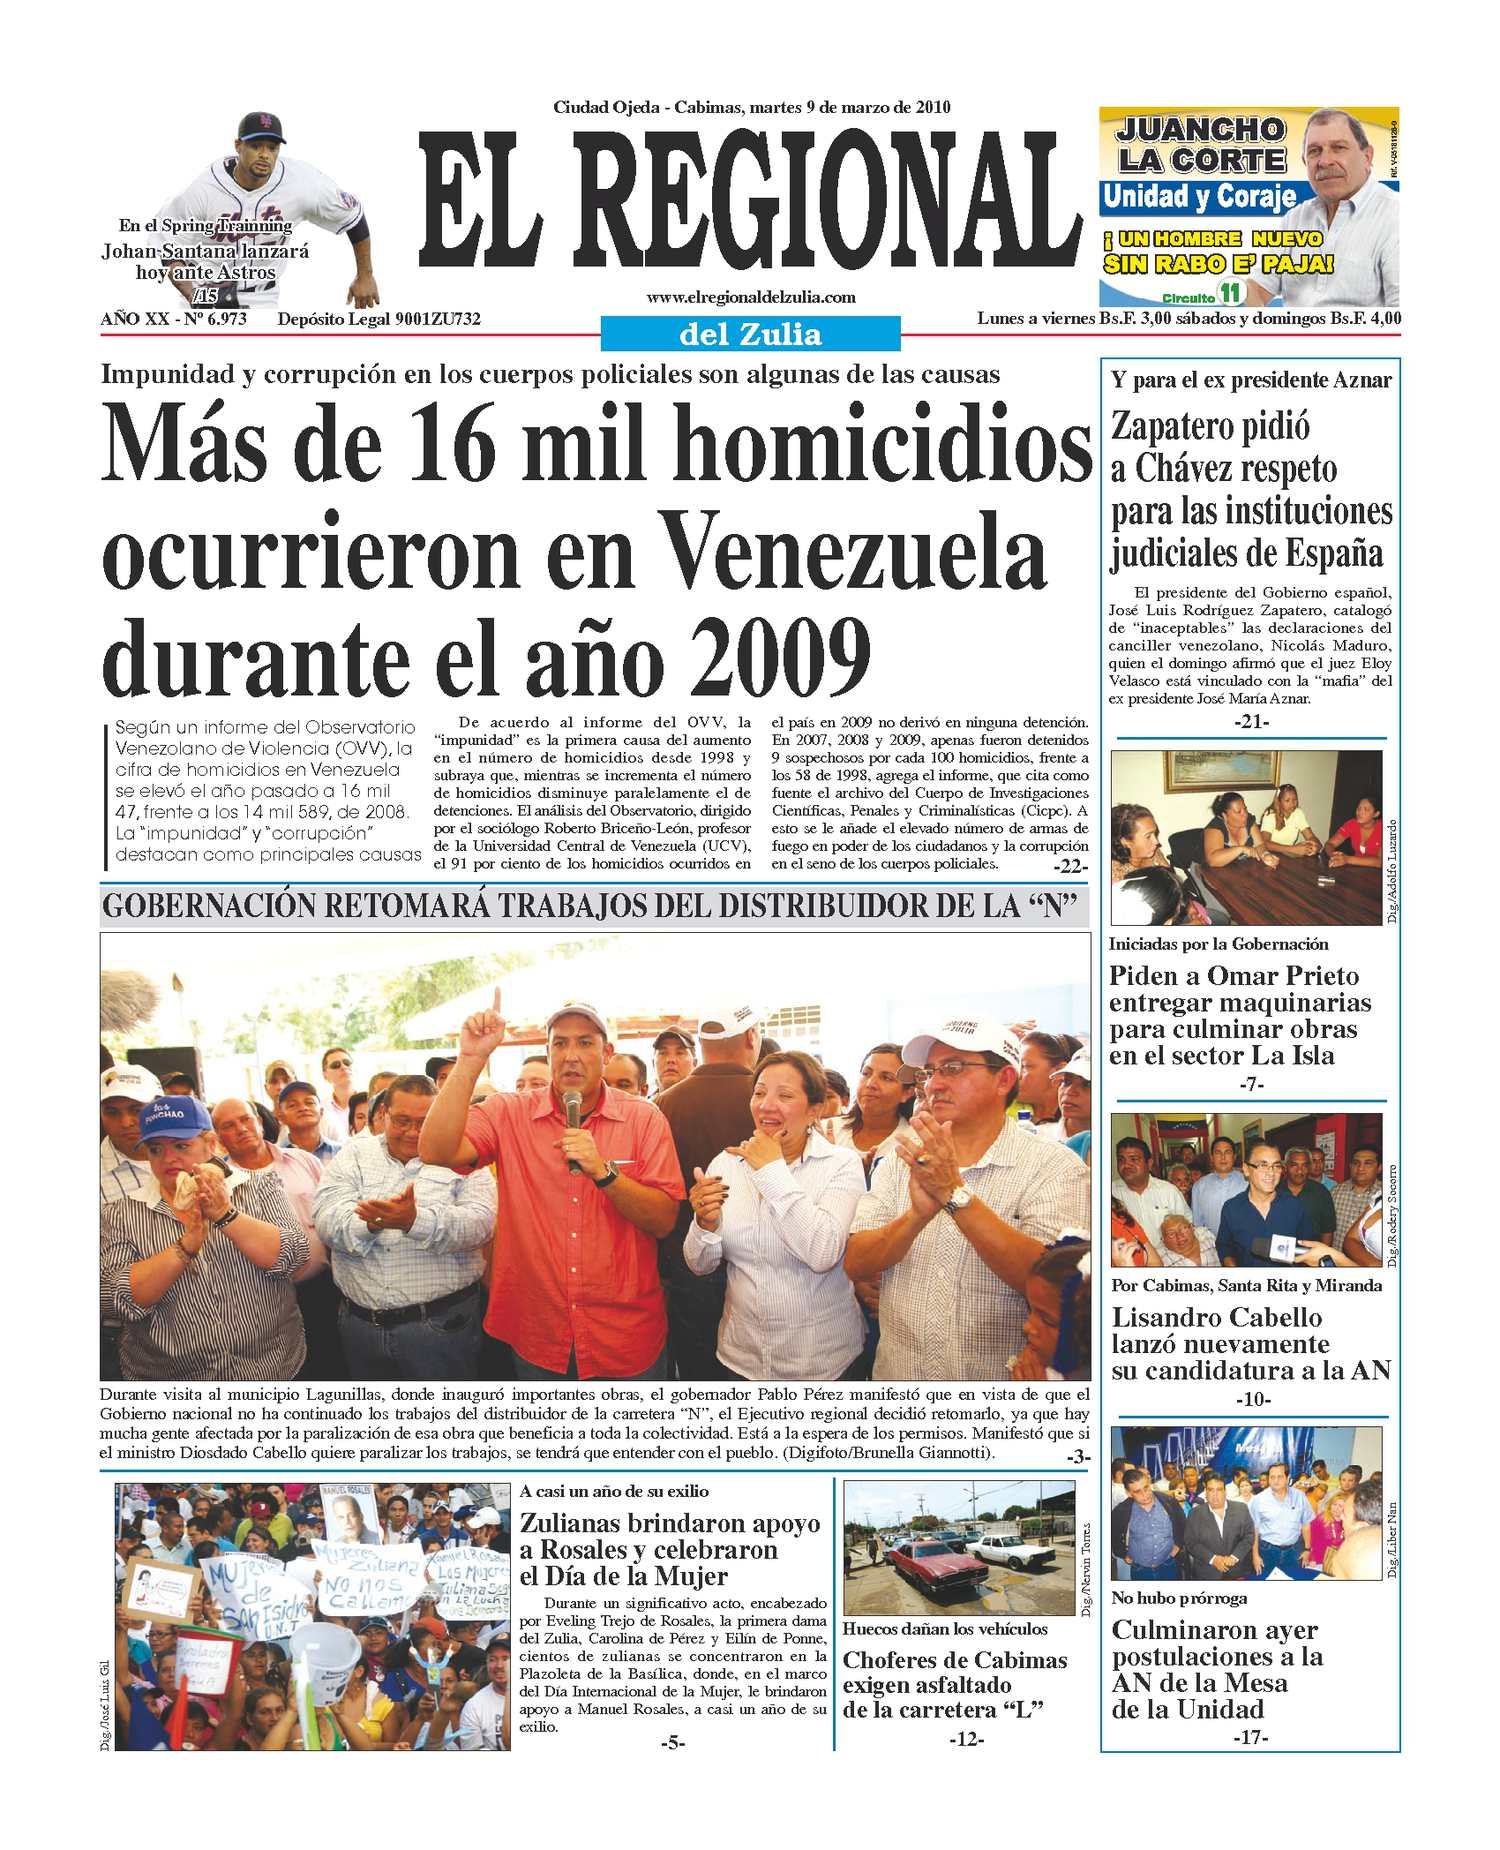 El Regional del Zulia 09-03-2010